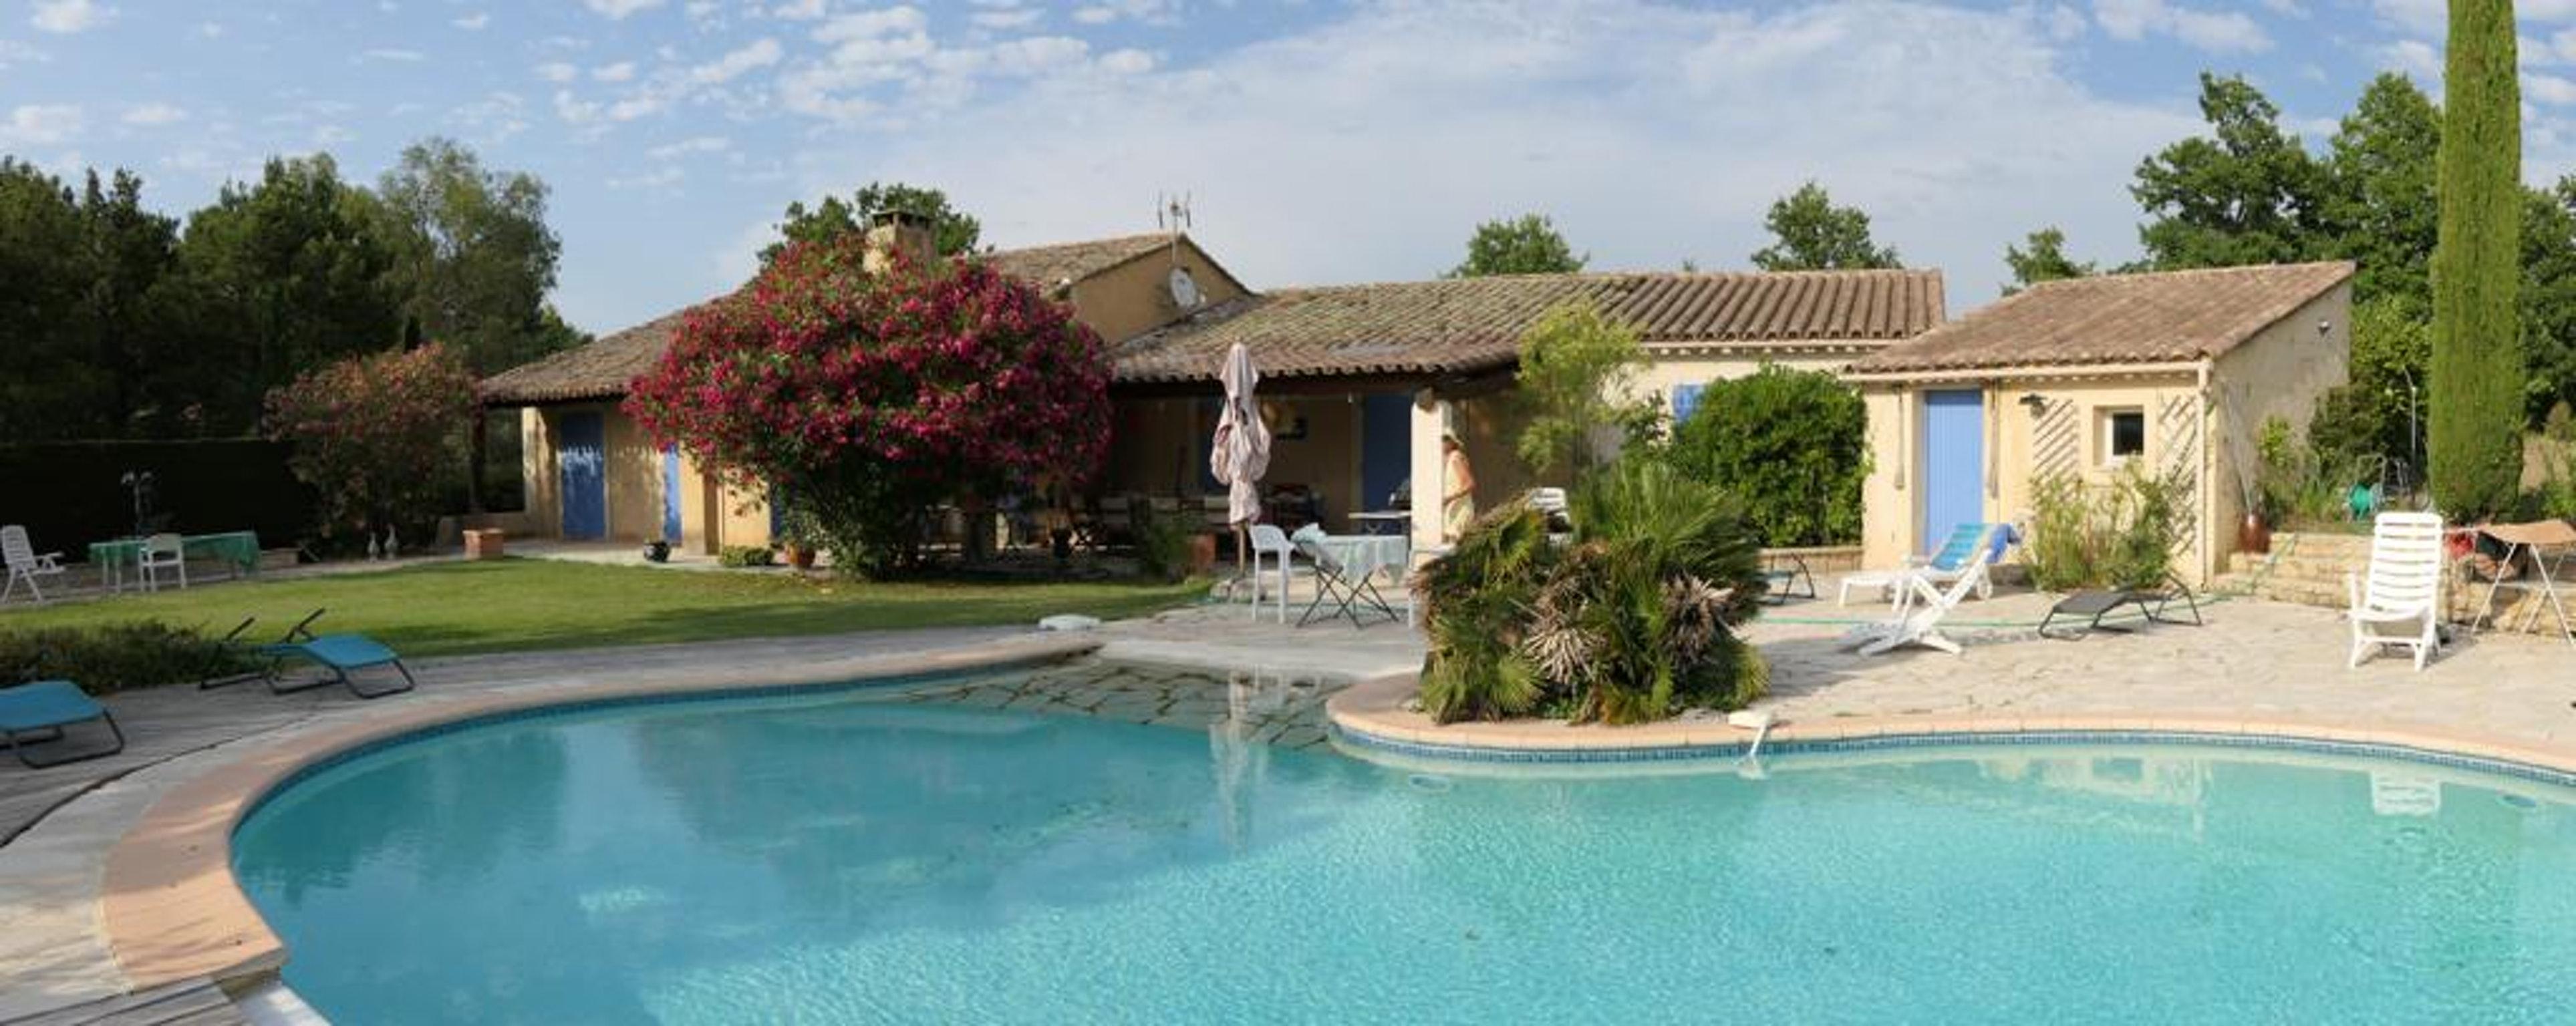 Ferienhaus Villa mit 4 Schlafzimmern in Pernes-les-Fontaines mit toller Aussicht auf die Berge, priva (2519446), Pernes les Fontaines, Saône-et-Loire, Burgund, Frankreich, Bild 49